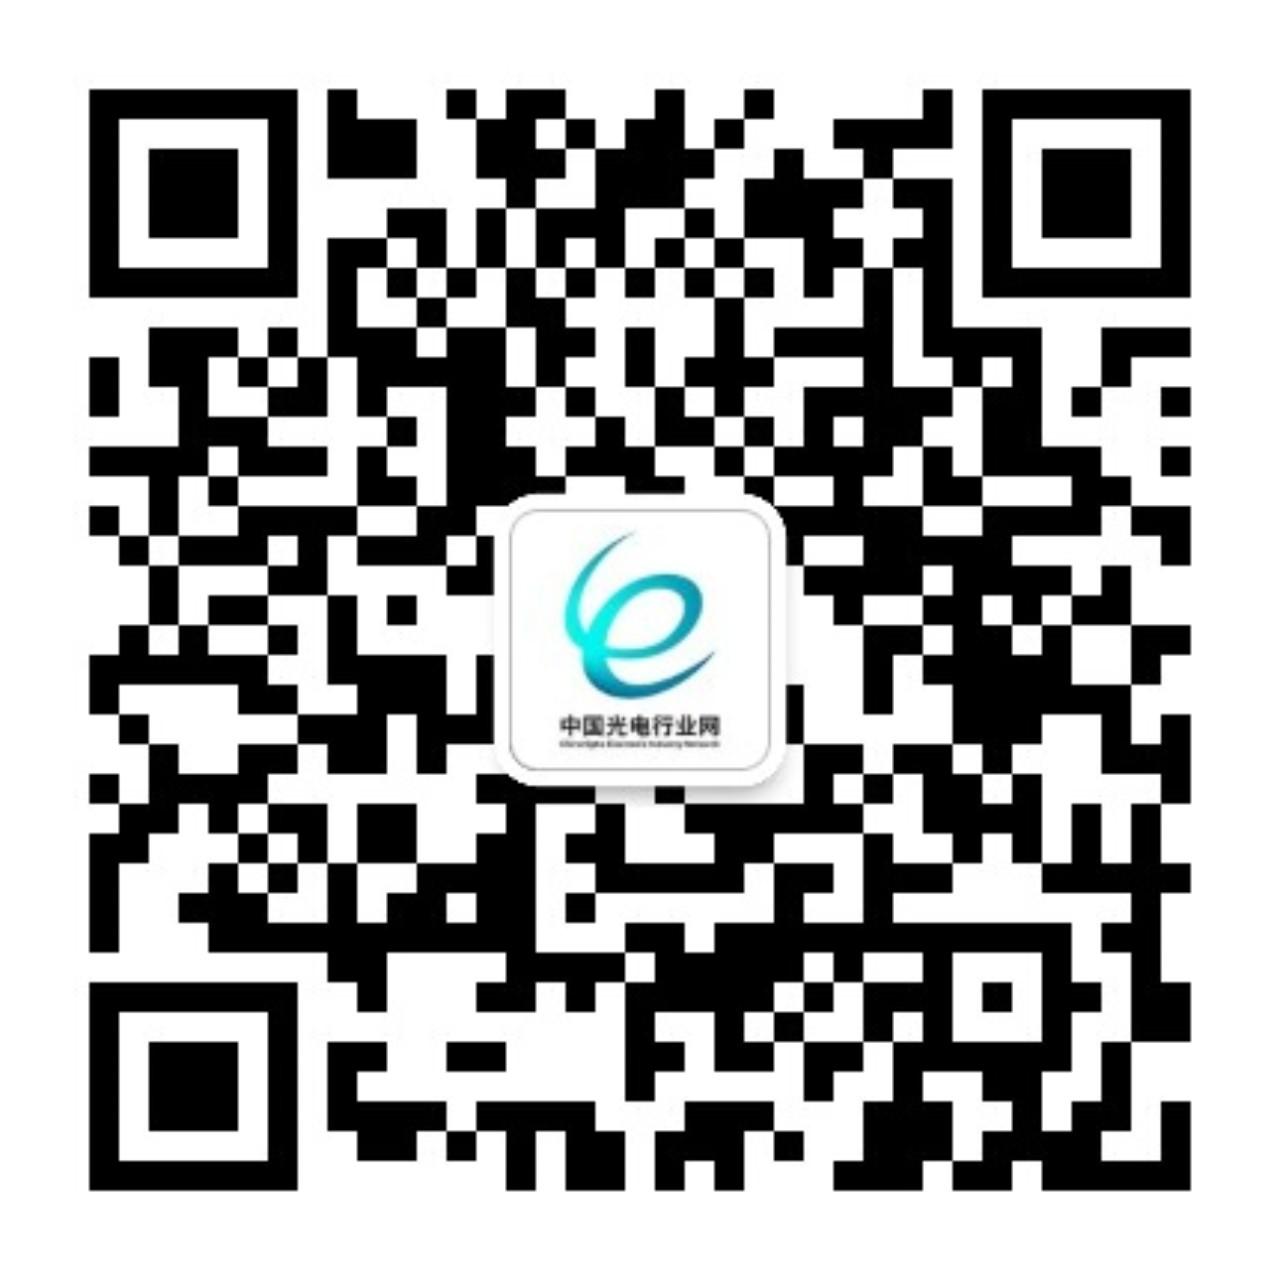 雷竞技电竞平台行业网 - 微信二维码